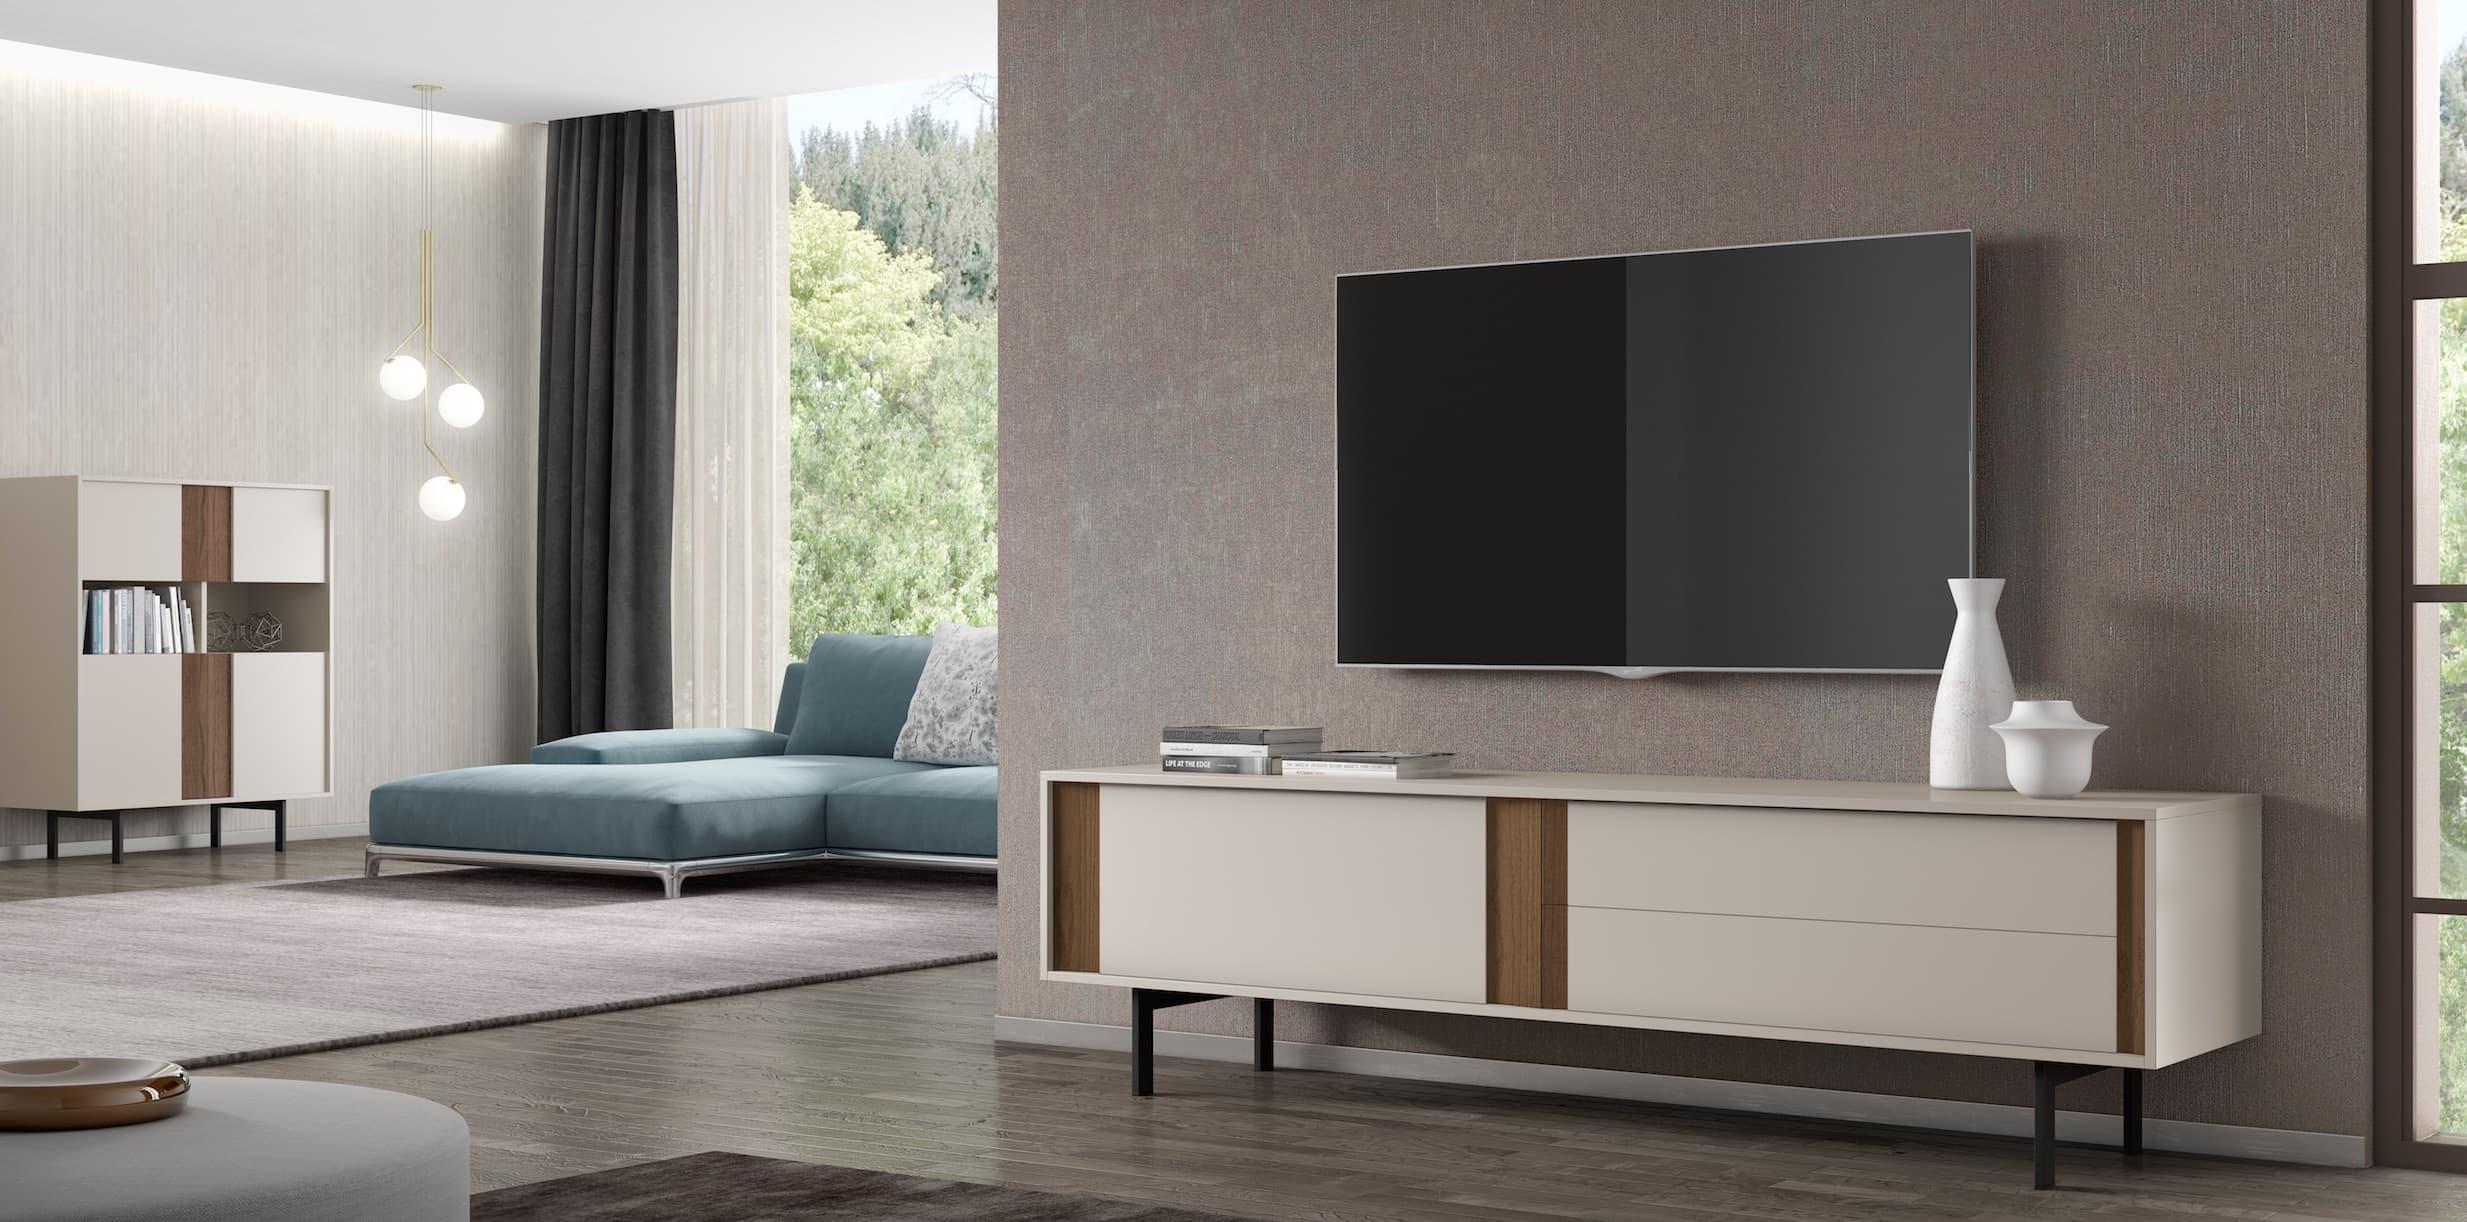 salon meuble tv luxor tv meuble de tv avec 2 tiroirs et une porte. Black Bedroom Furniture Sets. Home Design Ideas